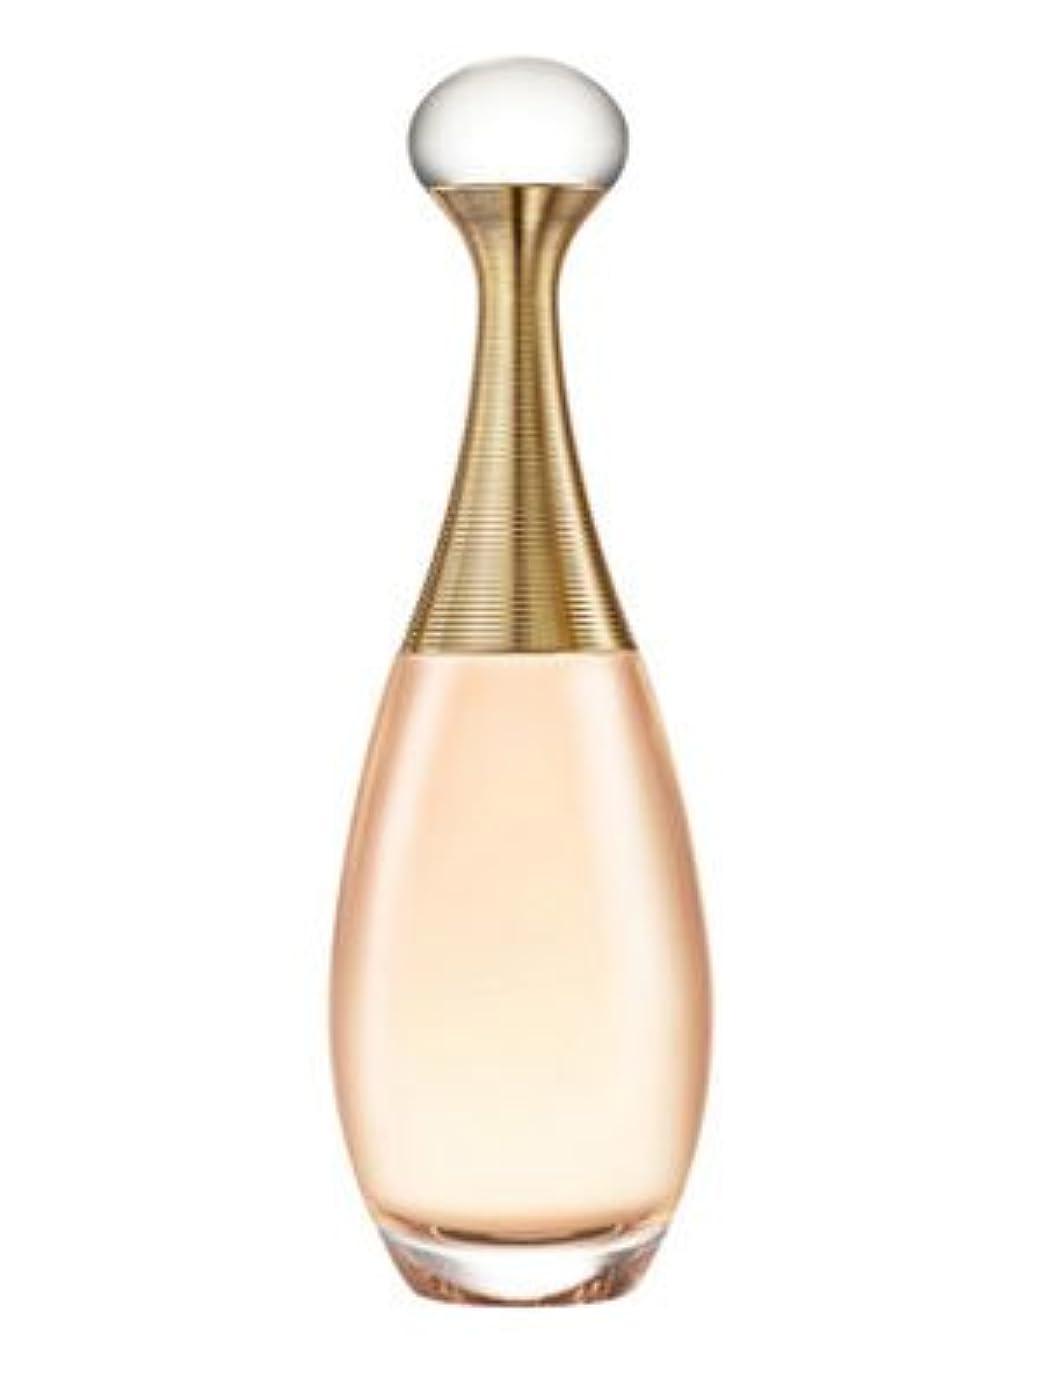 押す他の場所伝統J'Adore Voile de Parfum (ジャドール ボア デ パルファム) 3.4 oz (100ml) Parfum Spray by Christian Dior for Women